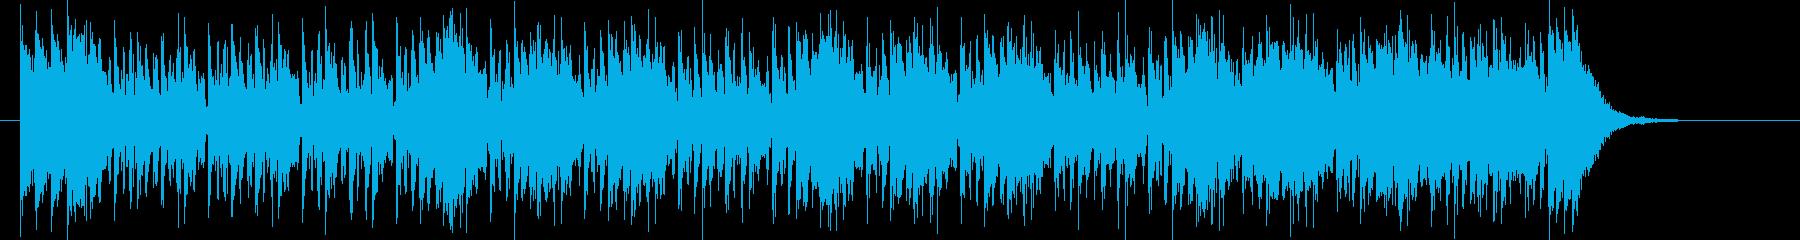 激しいフュージョンバンドのジングルの再生済みの波形